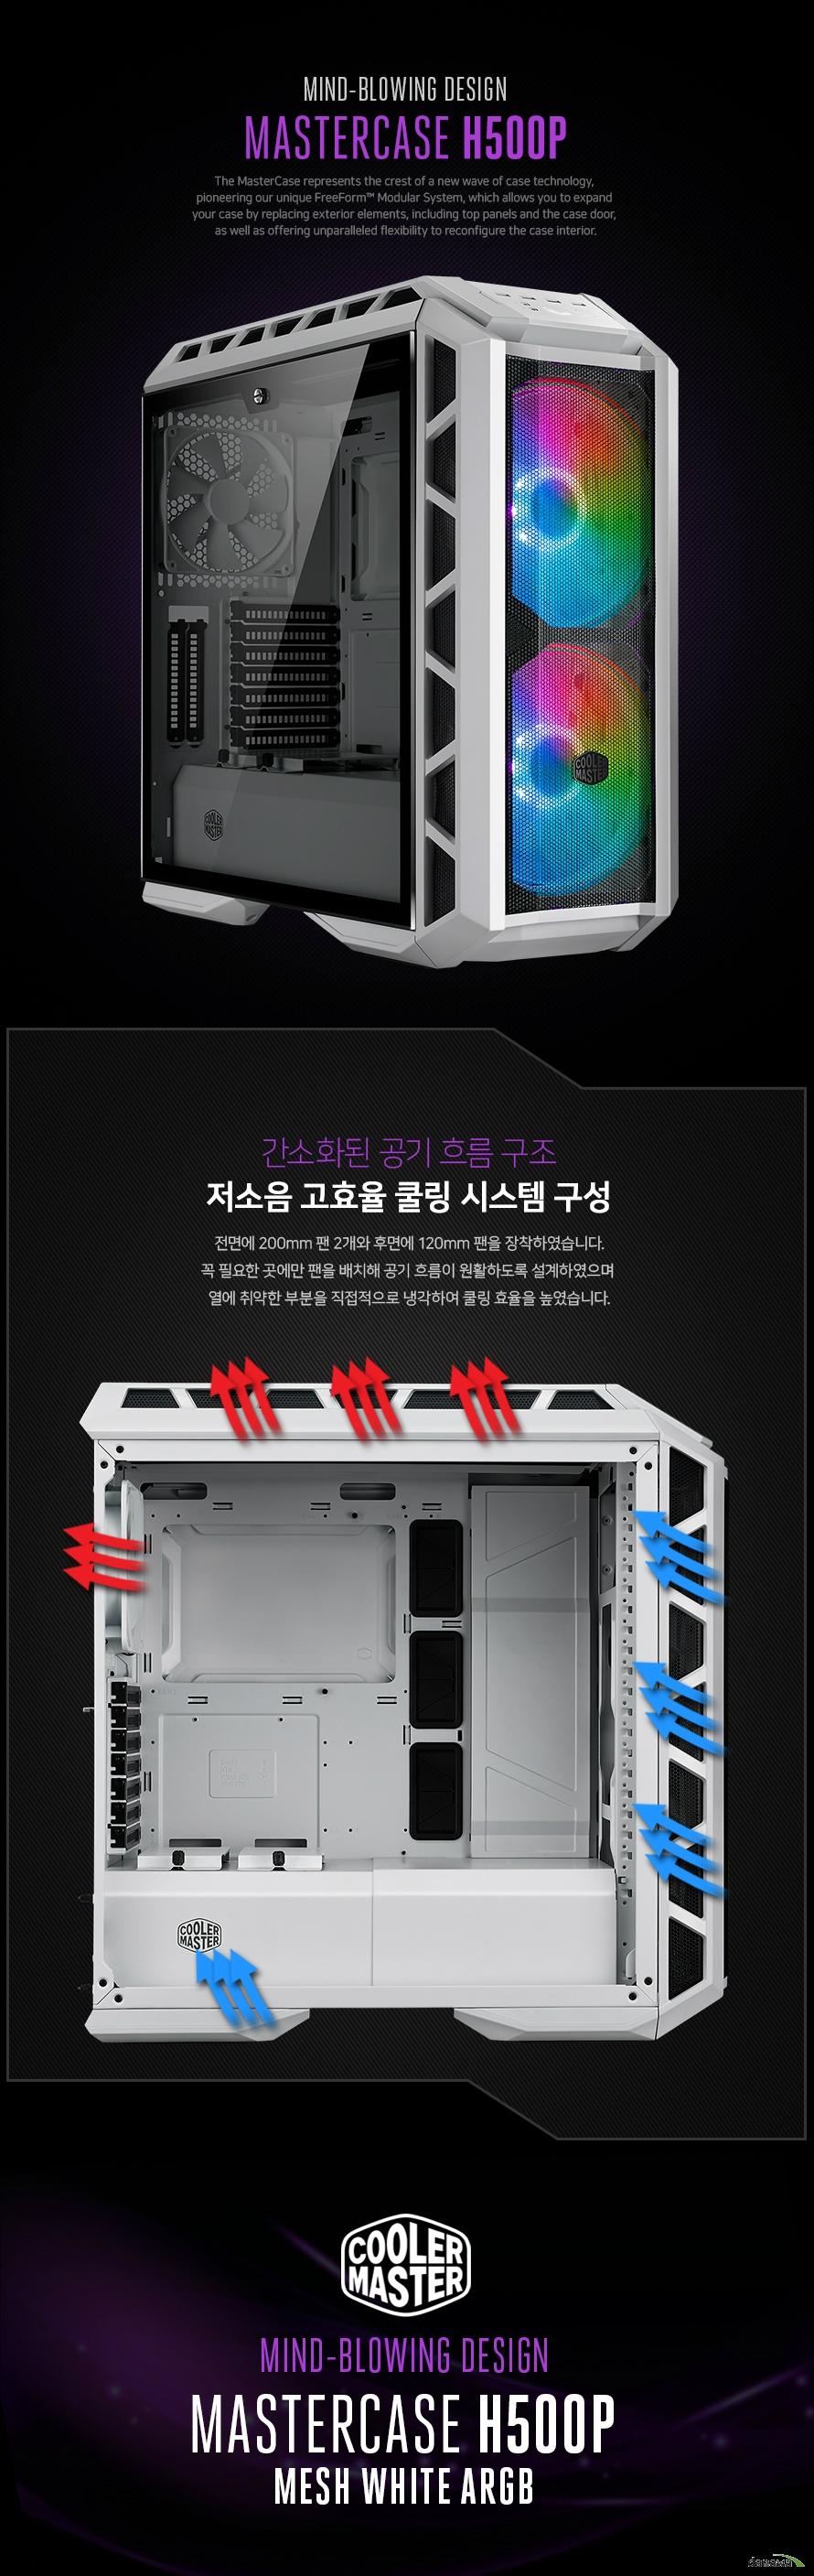 쿨러마스터  MasterBox H500P MESH WHITE ARGB